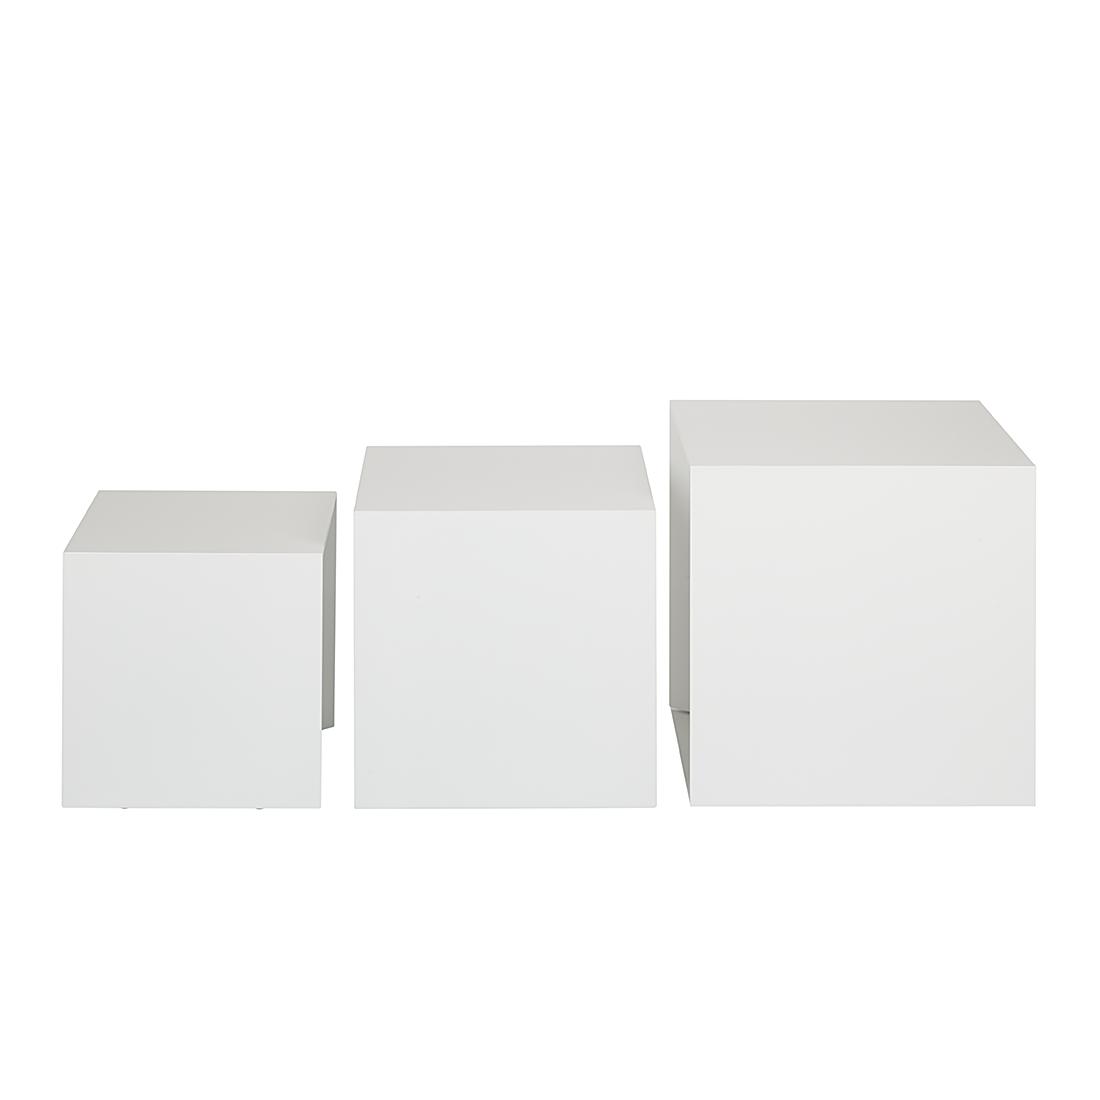 beistelltisch 3 teilig weiss bestseller shop f r m bel und einrichtungen. Black Bedroom Furniture Sets. Home Design Ideas